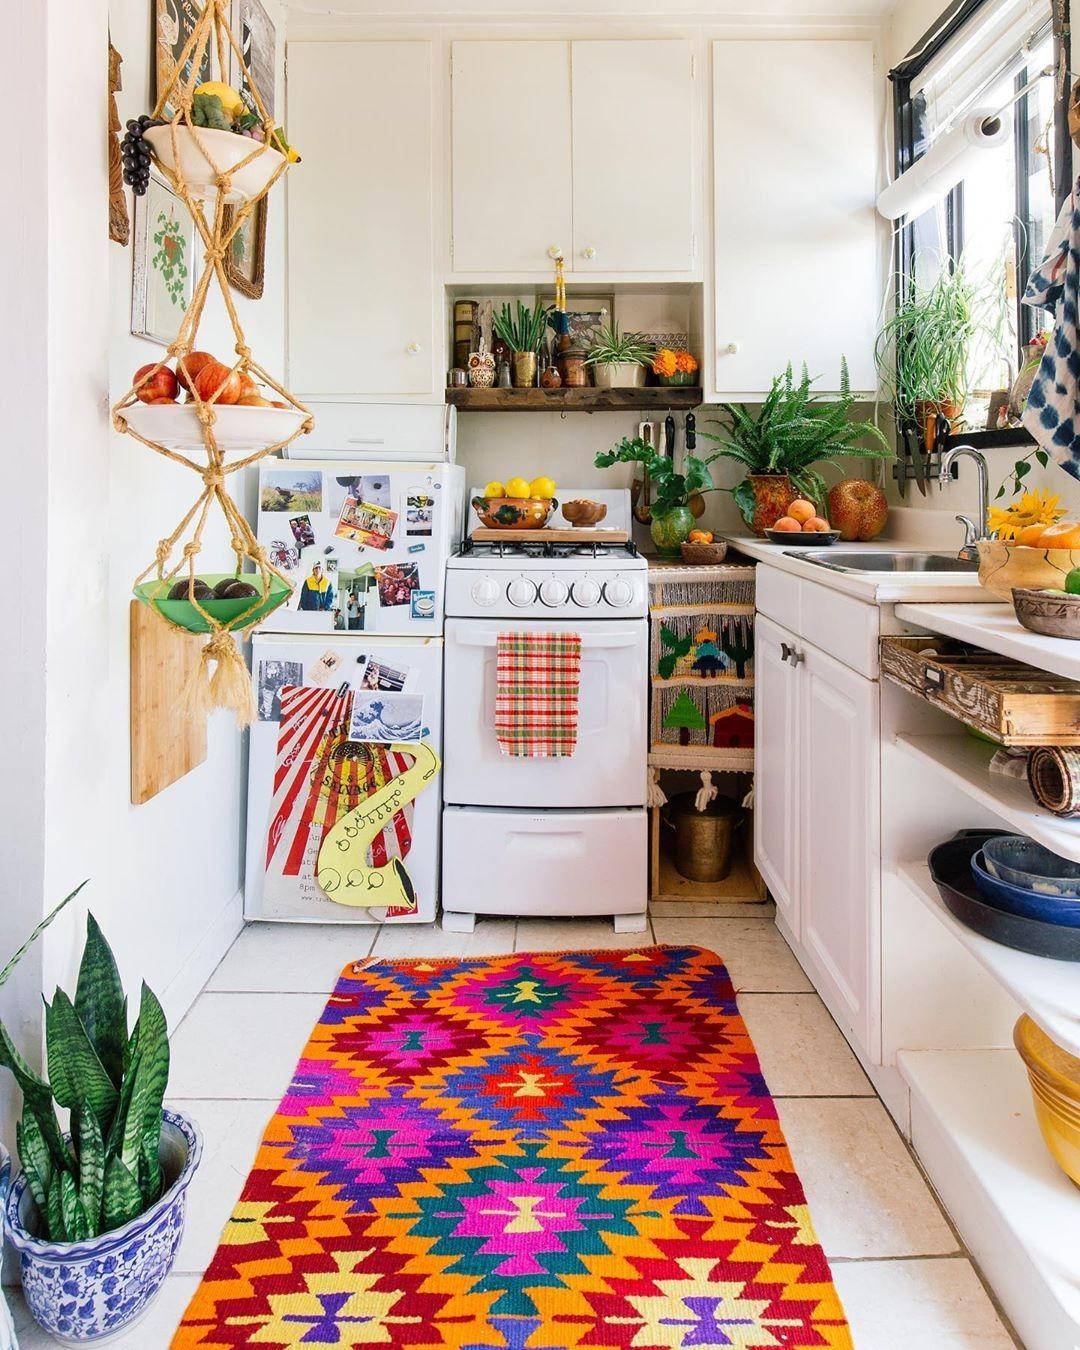 Best Modern Bohemian Kitchen Designs Interieur Ideeën Design 400 x 300